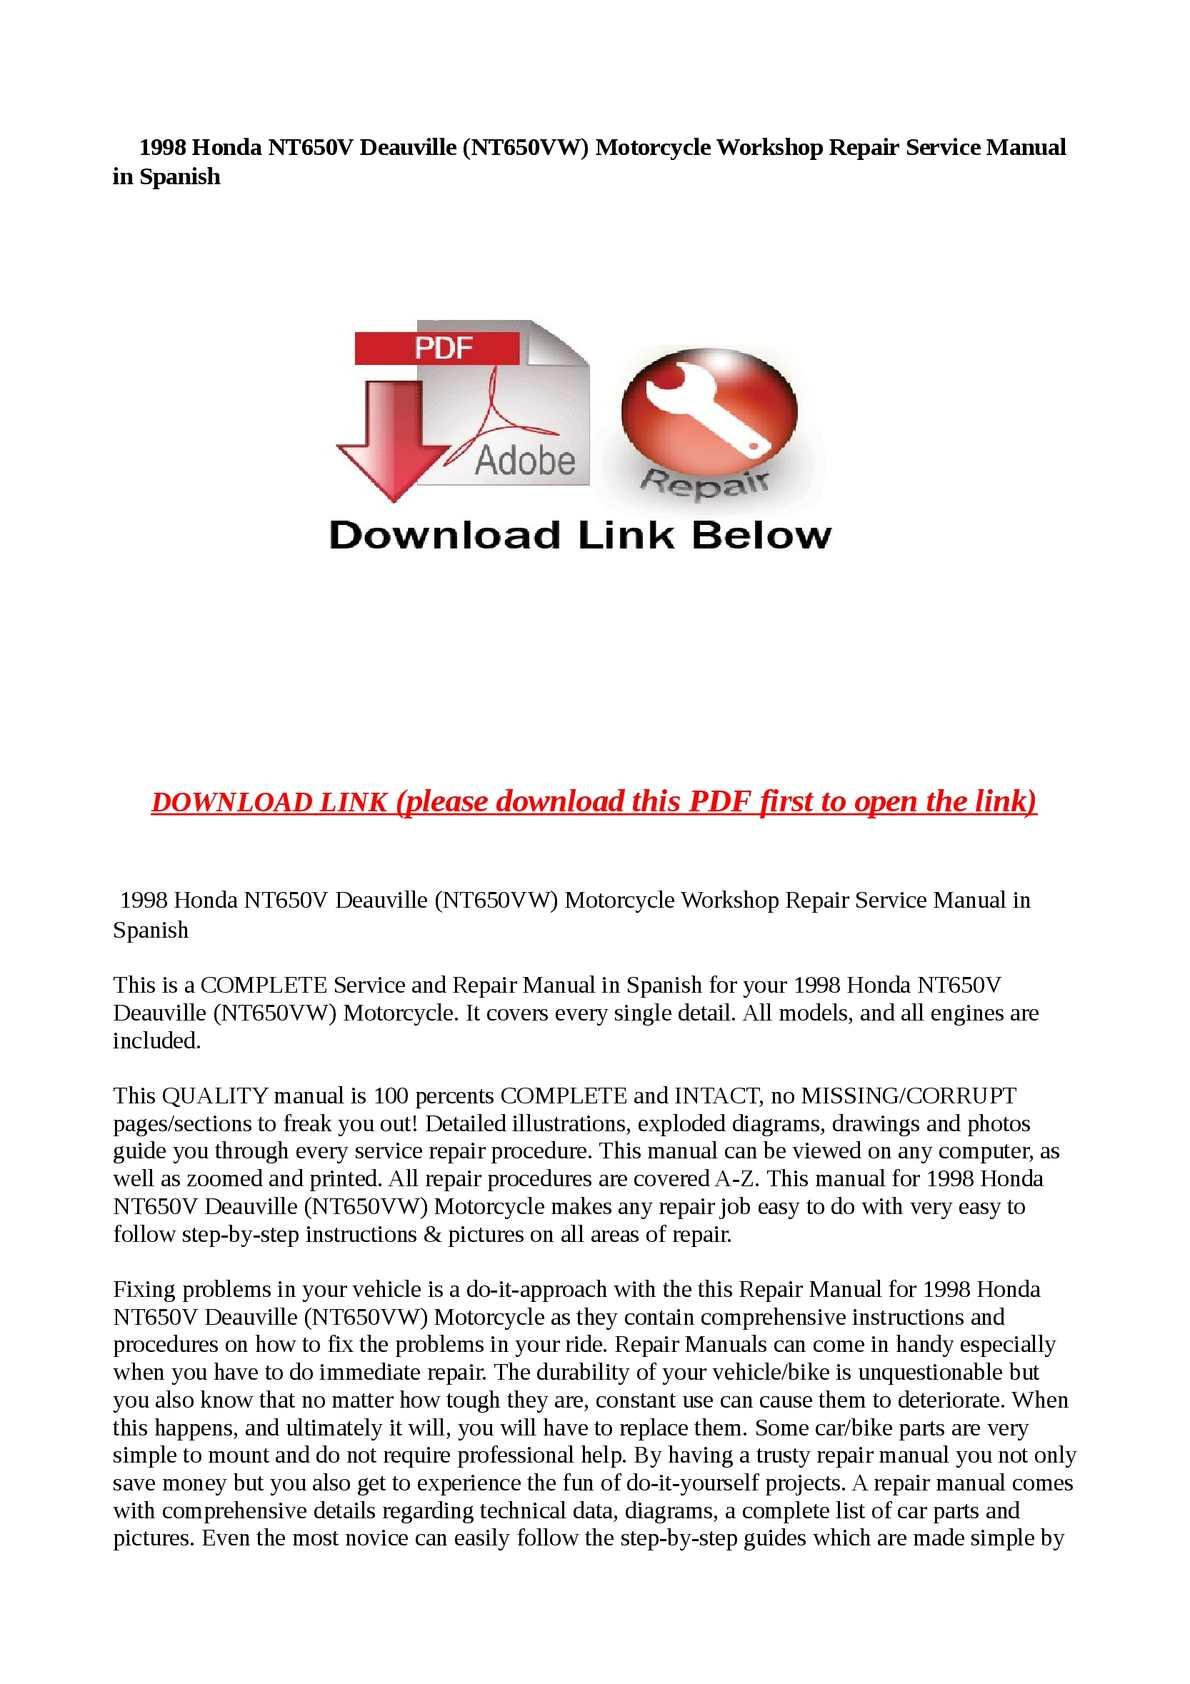 Workshop Service Manual for HONDA DEAUVILLE NT650V